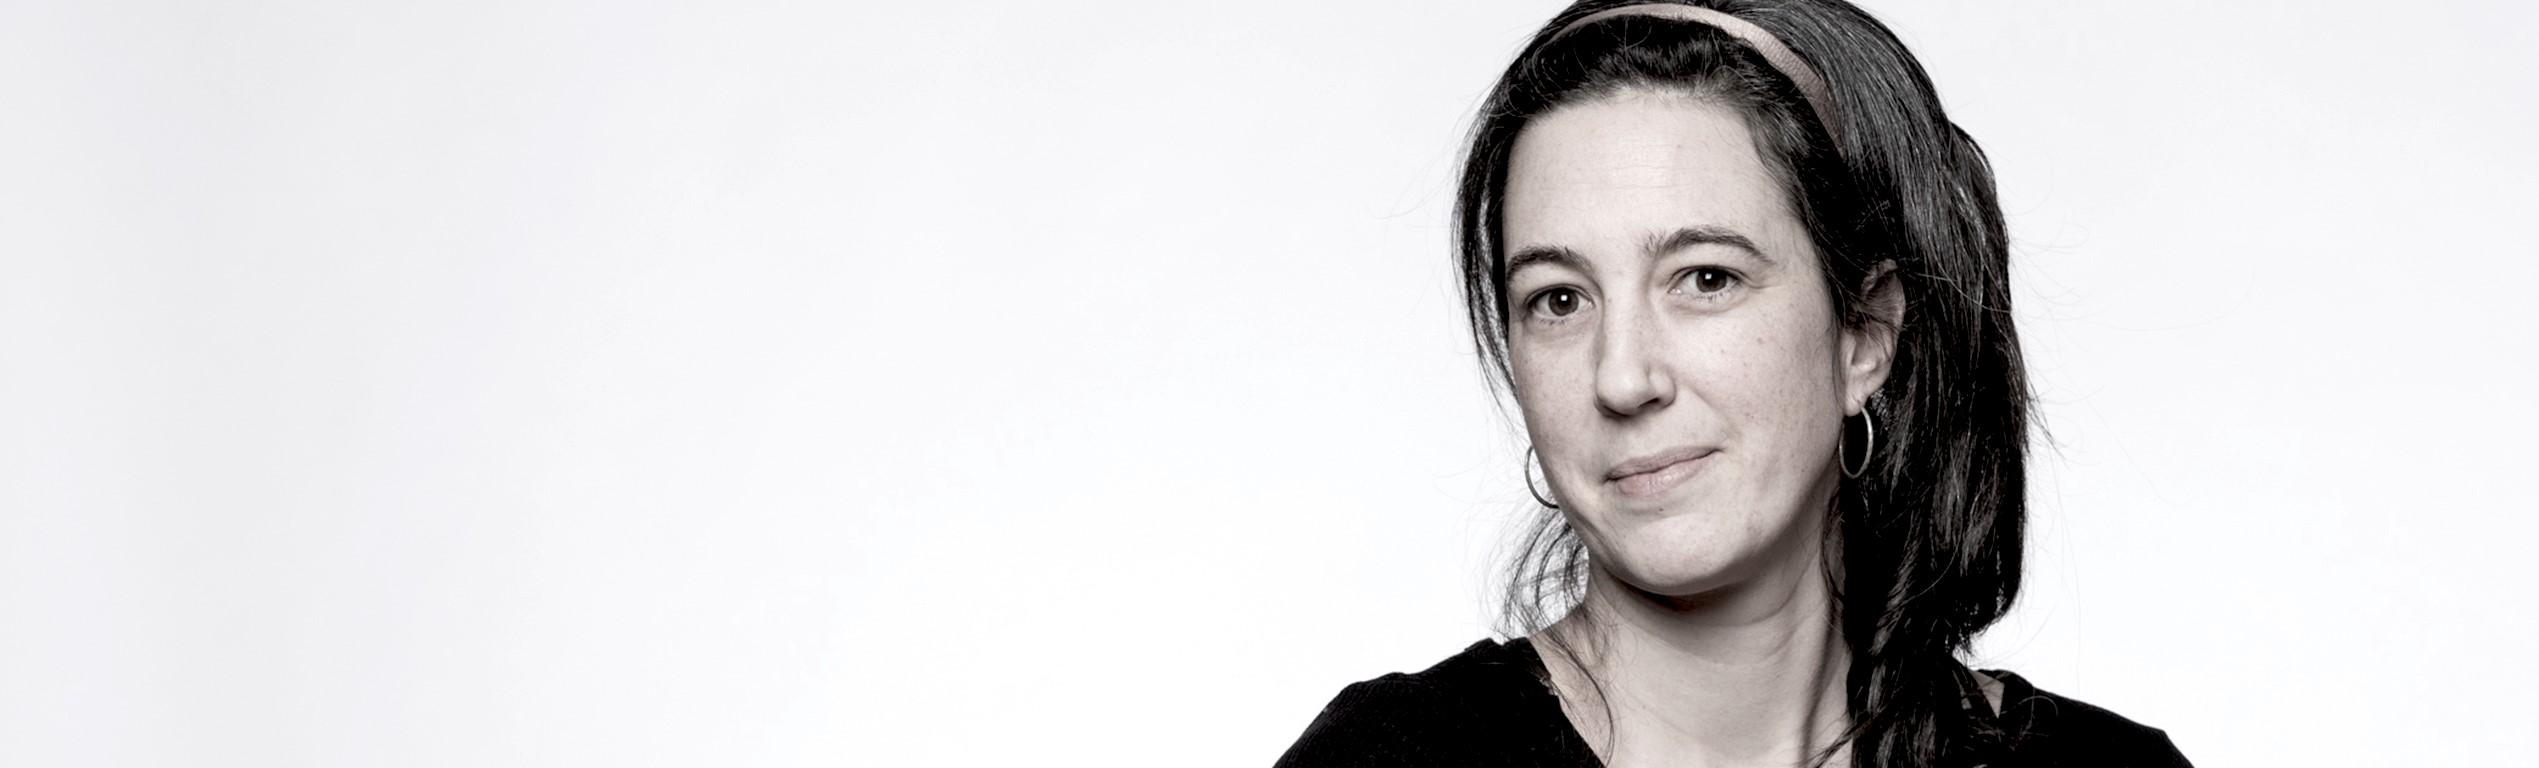 Michelle Bruns Filmschaffen ist geprägt von grossem Respekt, von Menschenliebe und Innovationskraft.